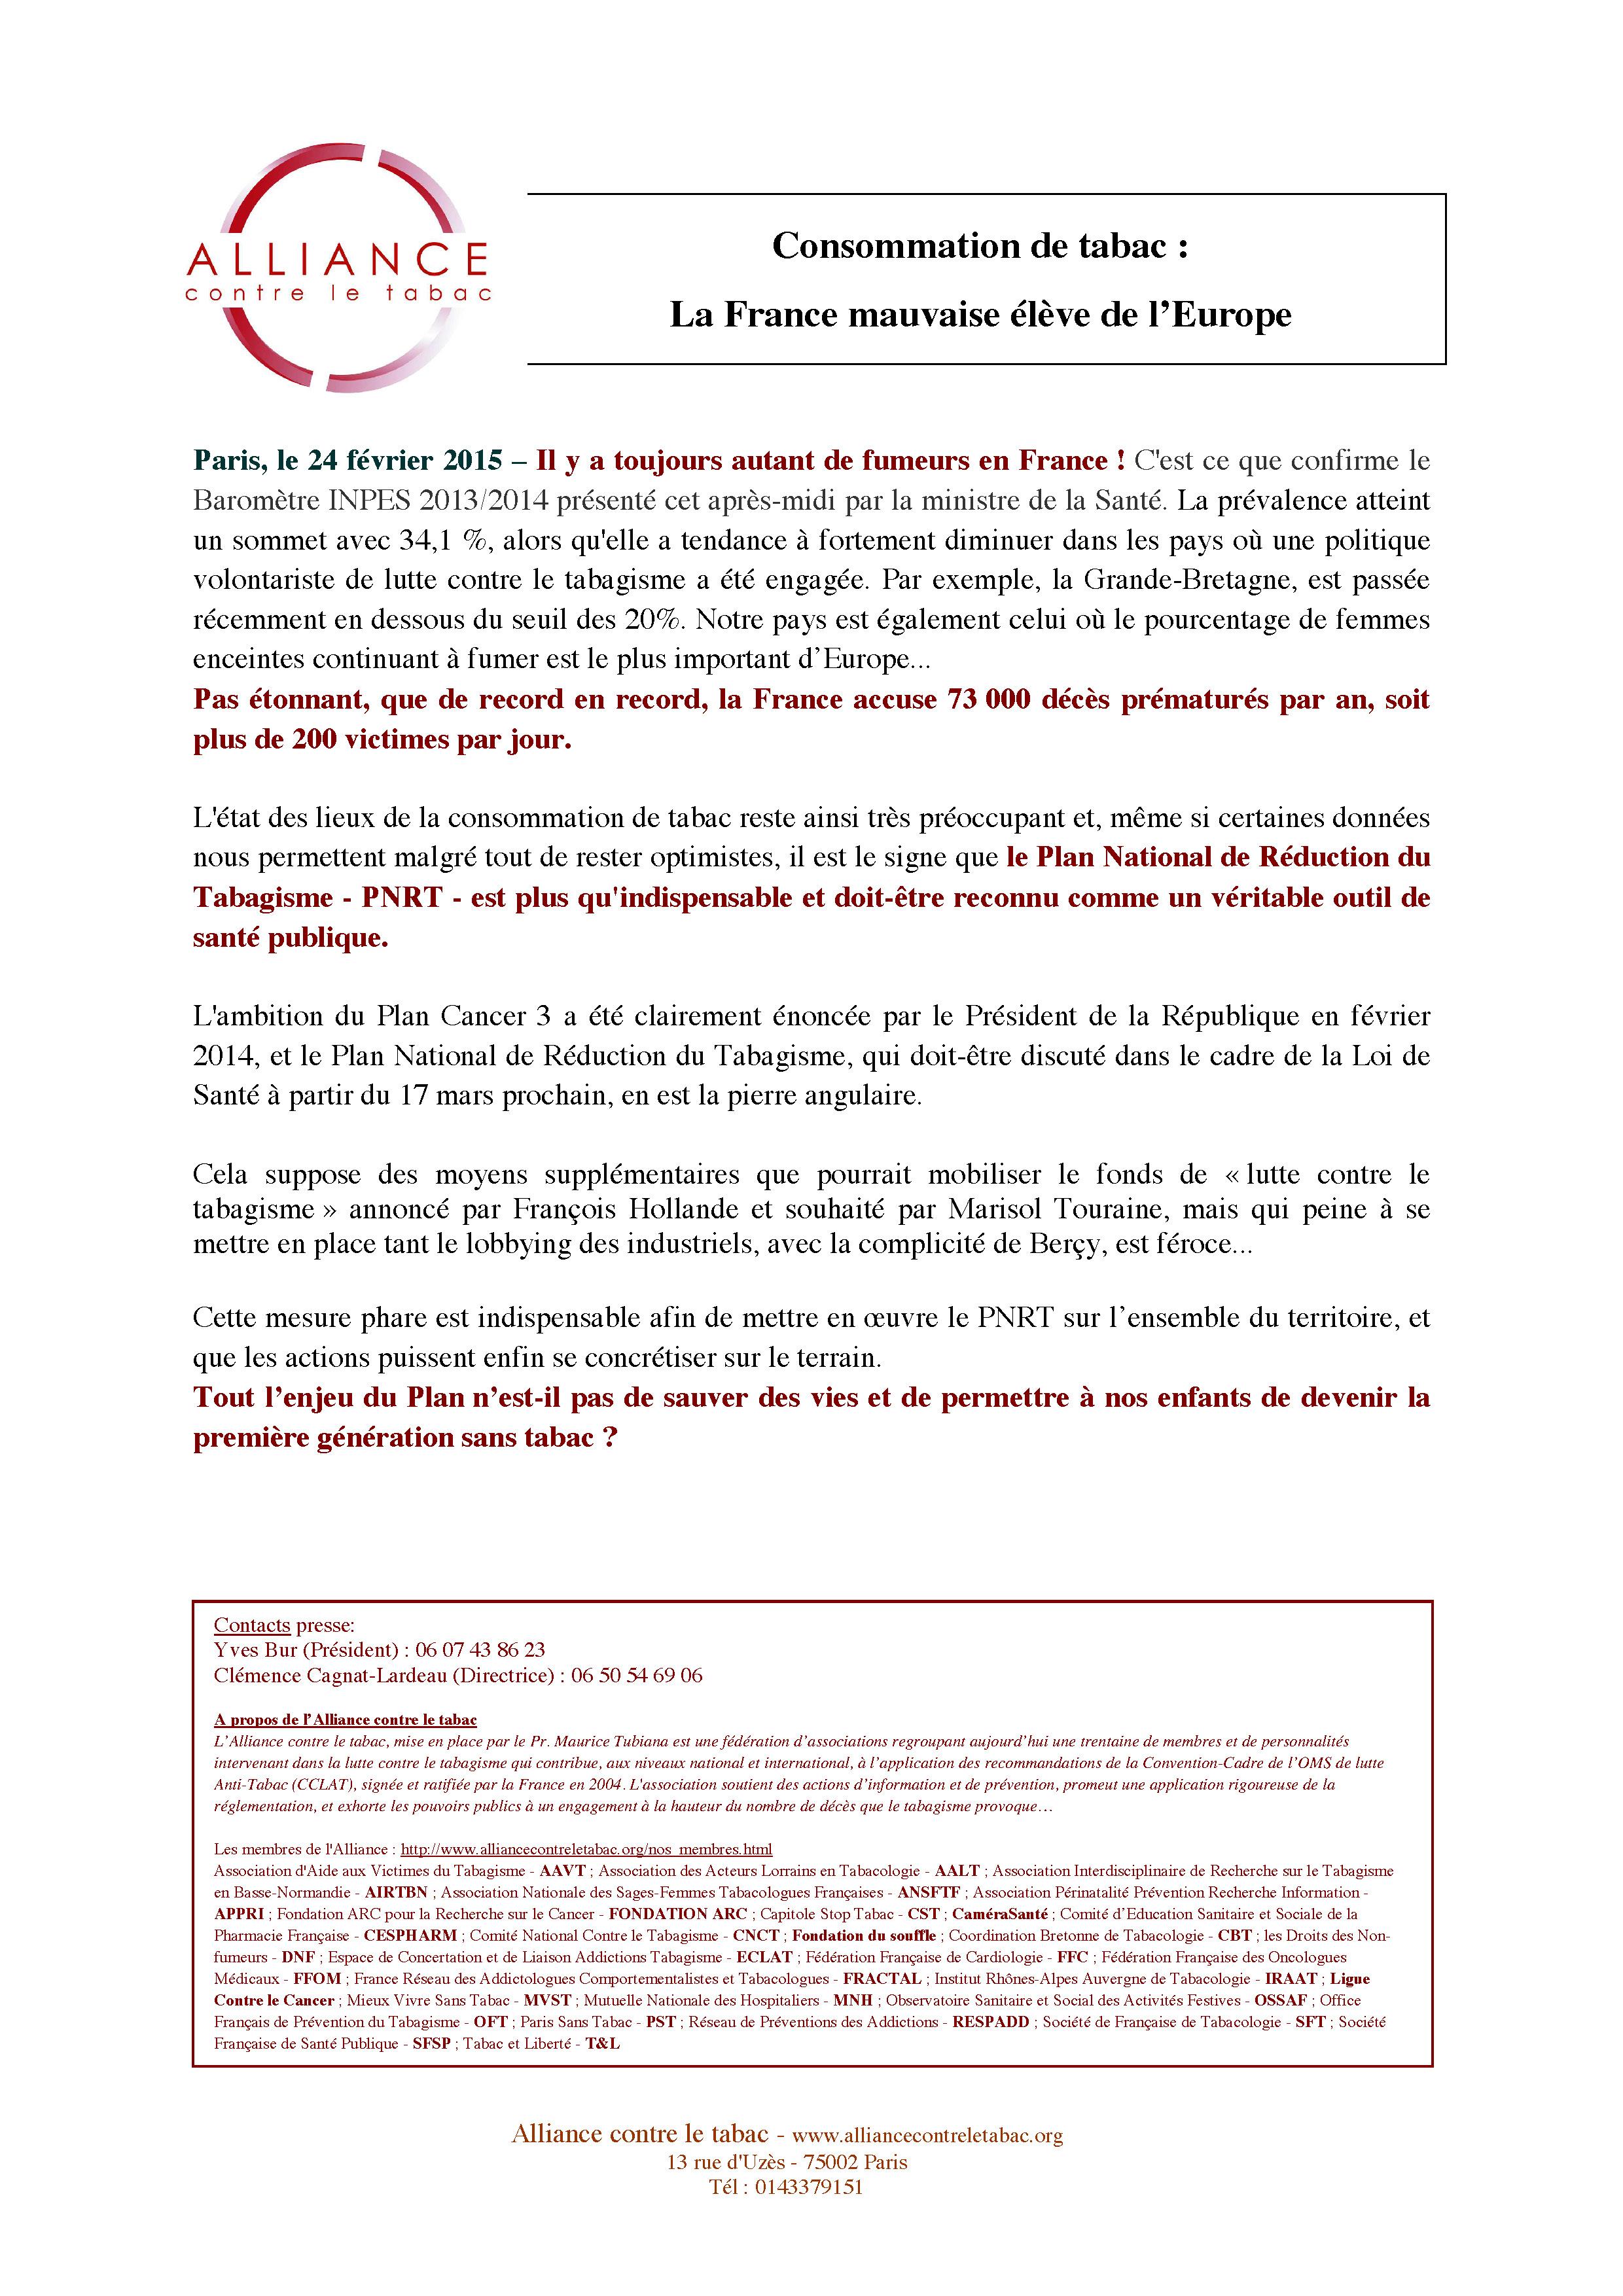 Alliance-CP_reaction-ACT-barometre-sante-INPES-24fev2015.jpg